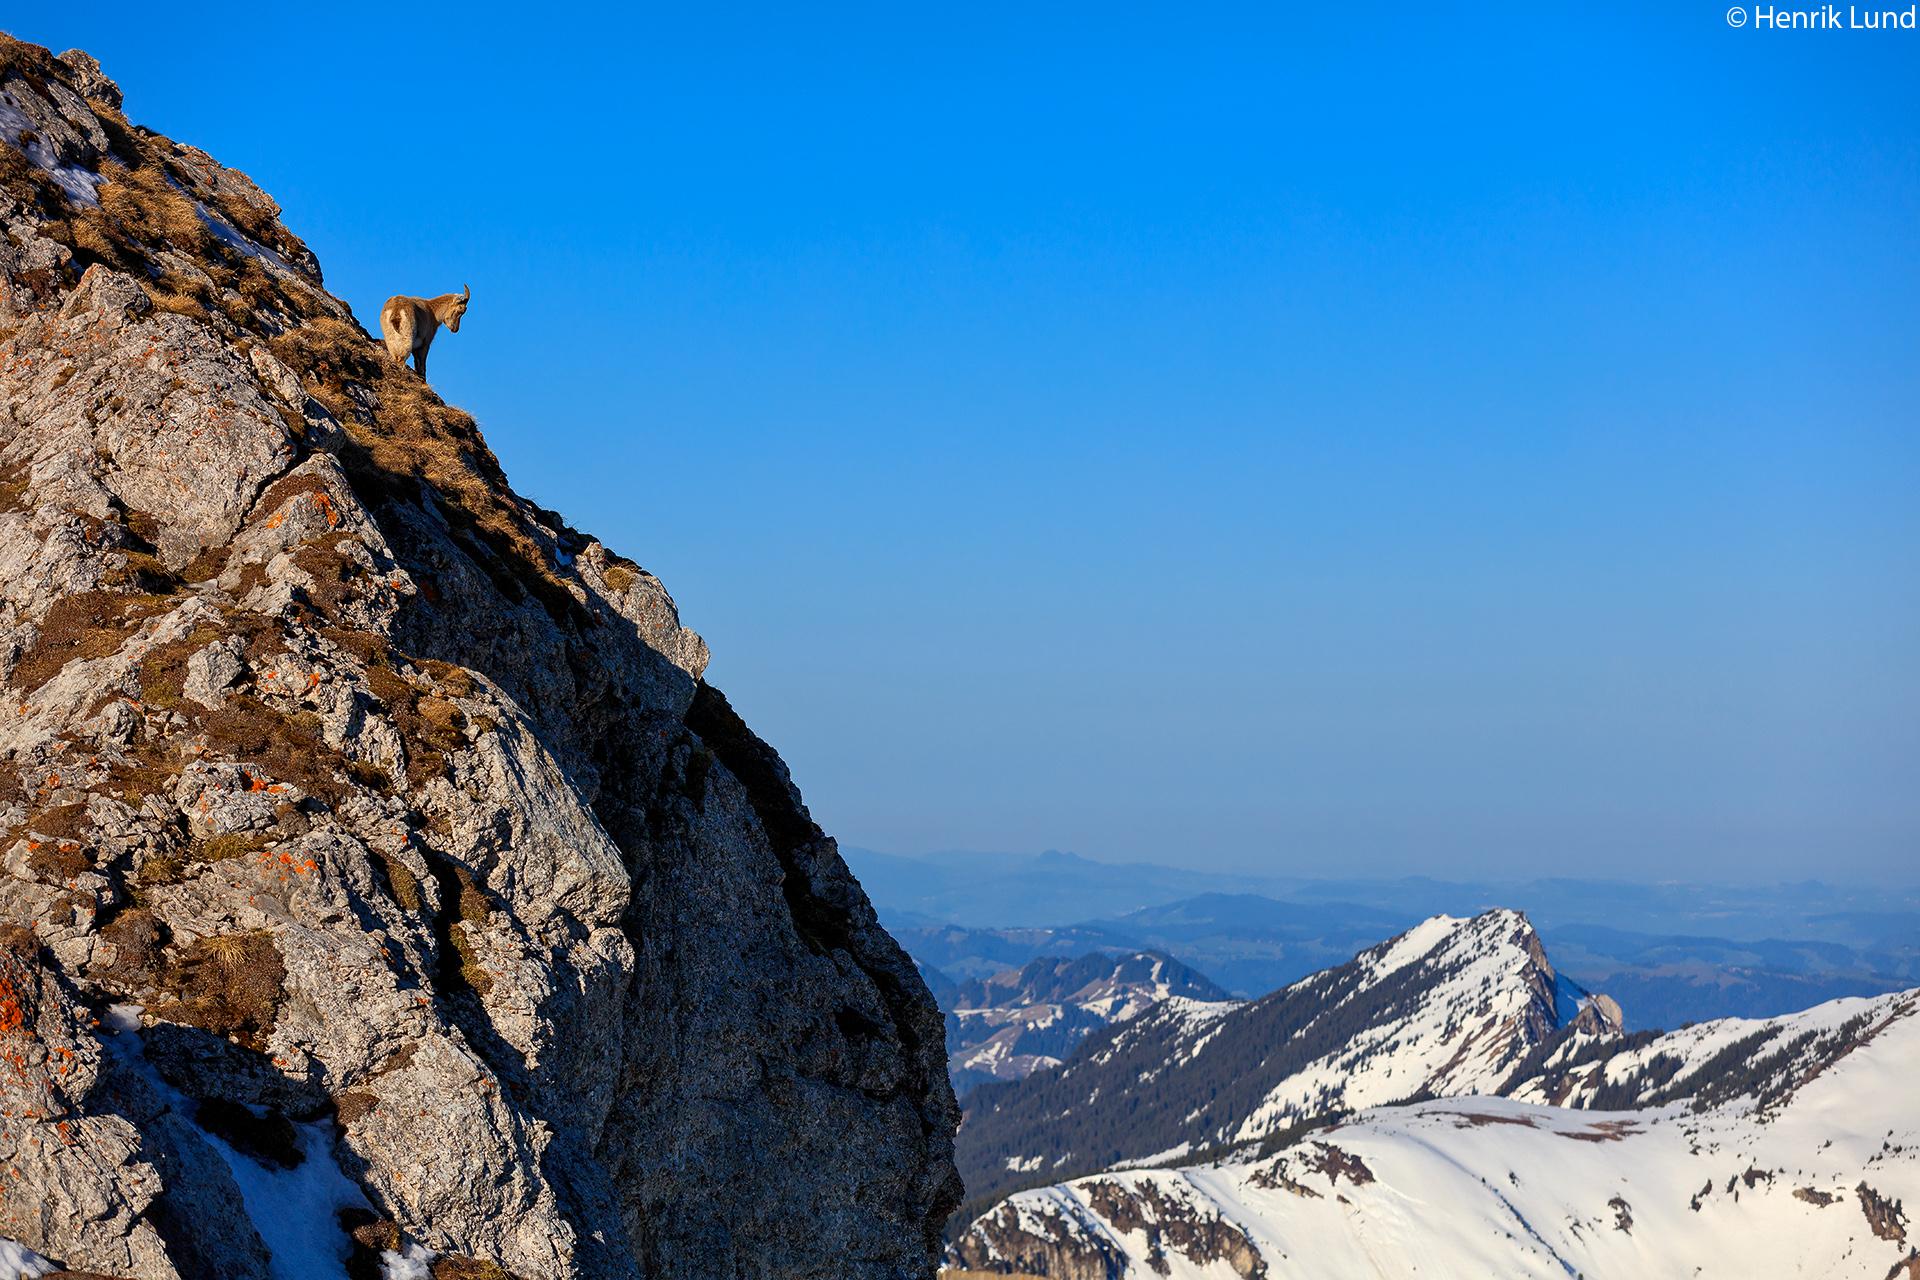 Alpine ibex in its magnificent habitat on top of mount Pilatus near Lucerne in Switzerland. April 2018.